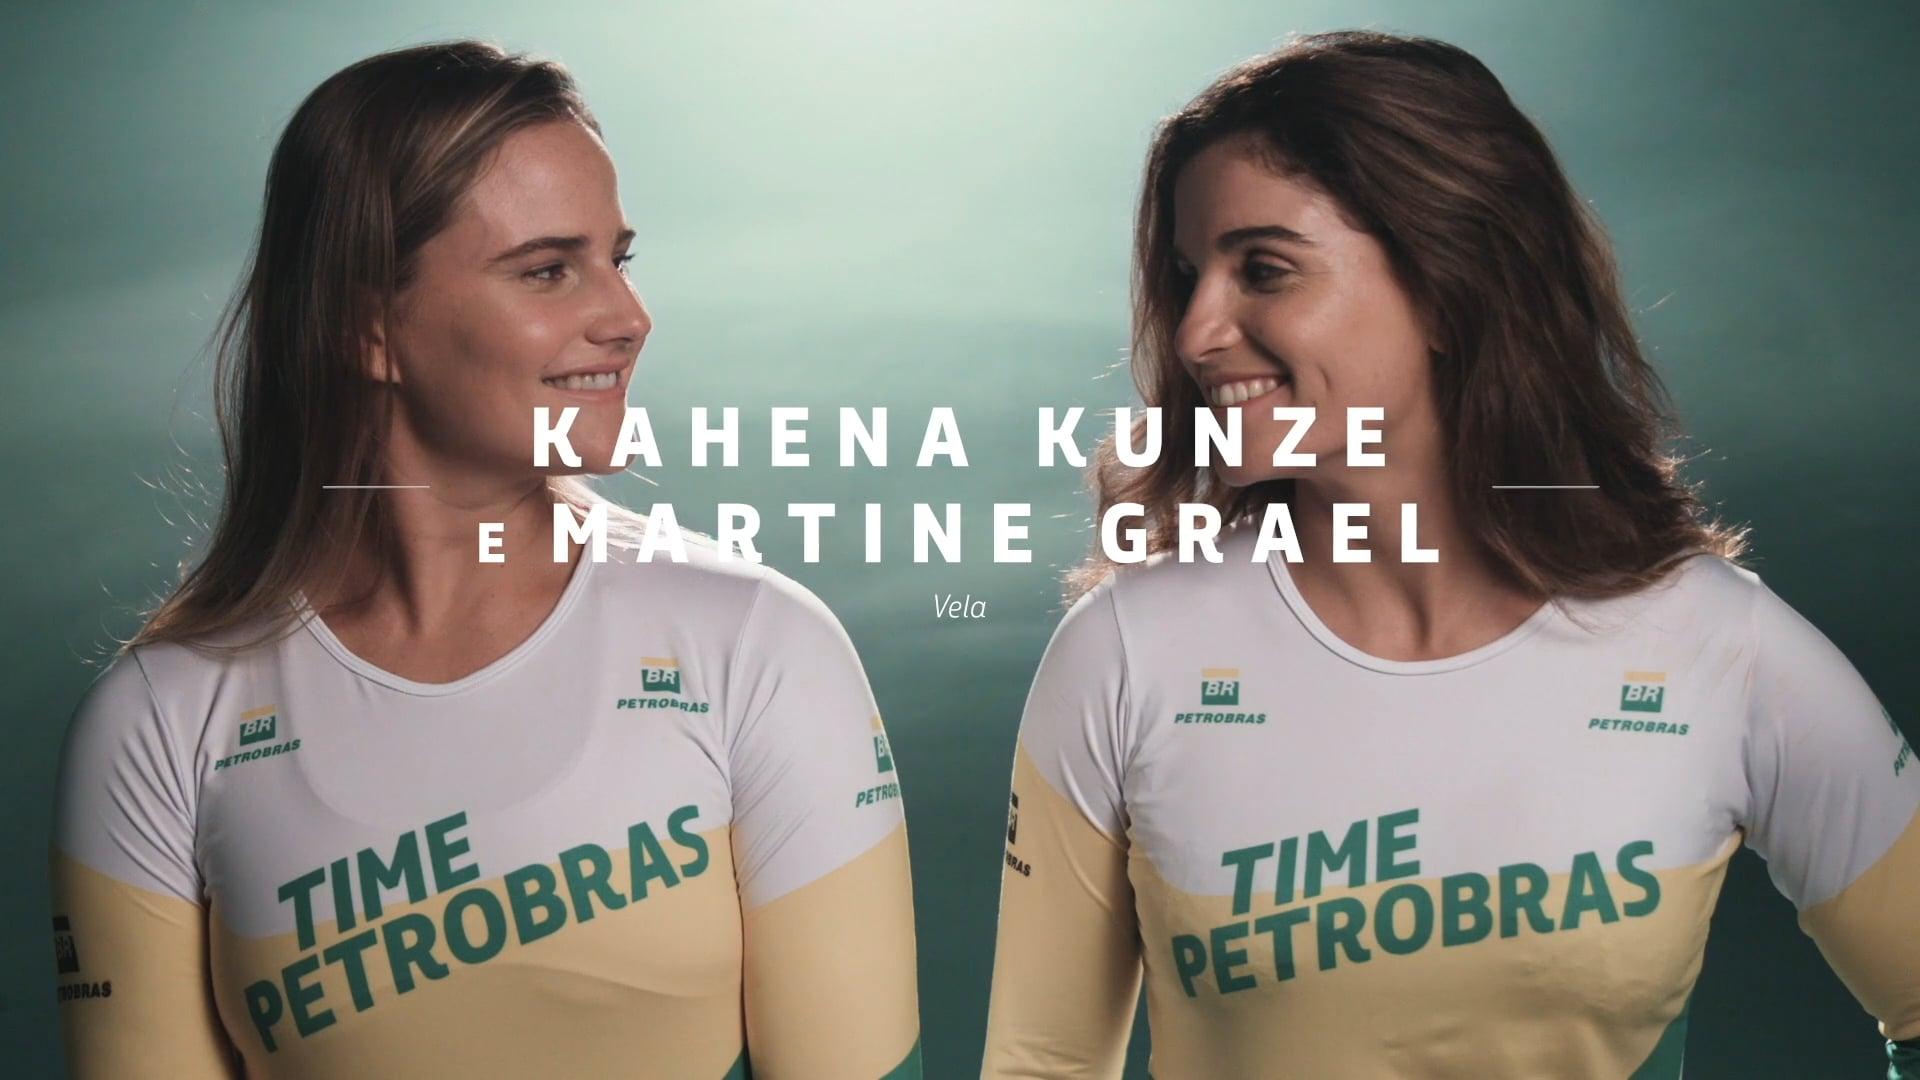 Time Petrobras - MARTINE E KAHENA